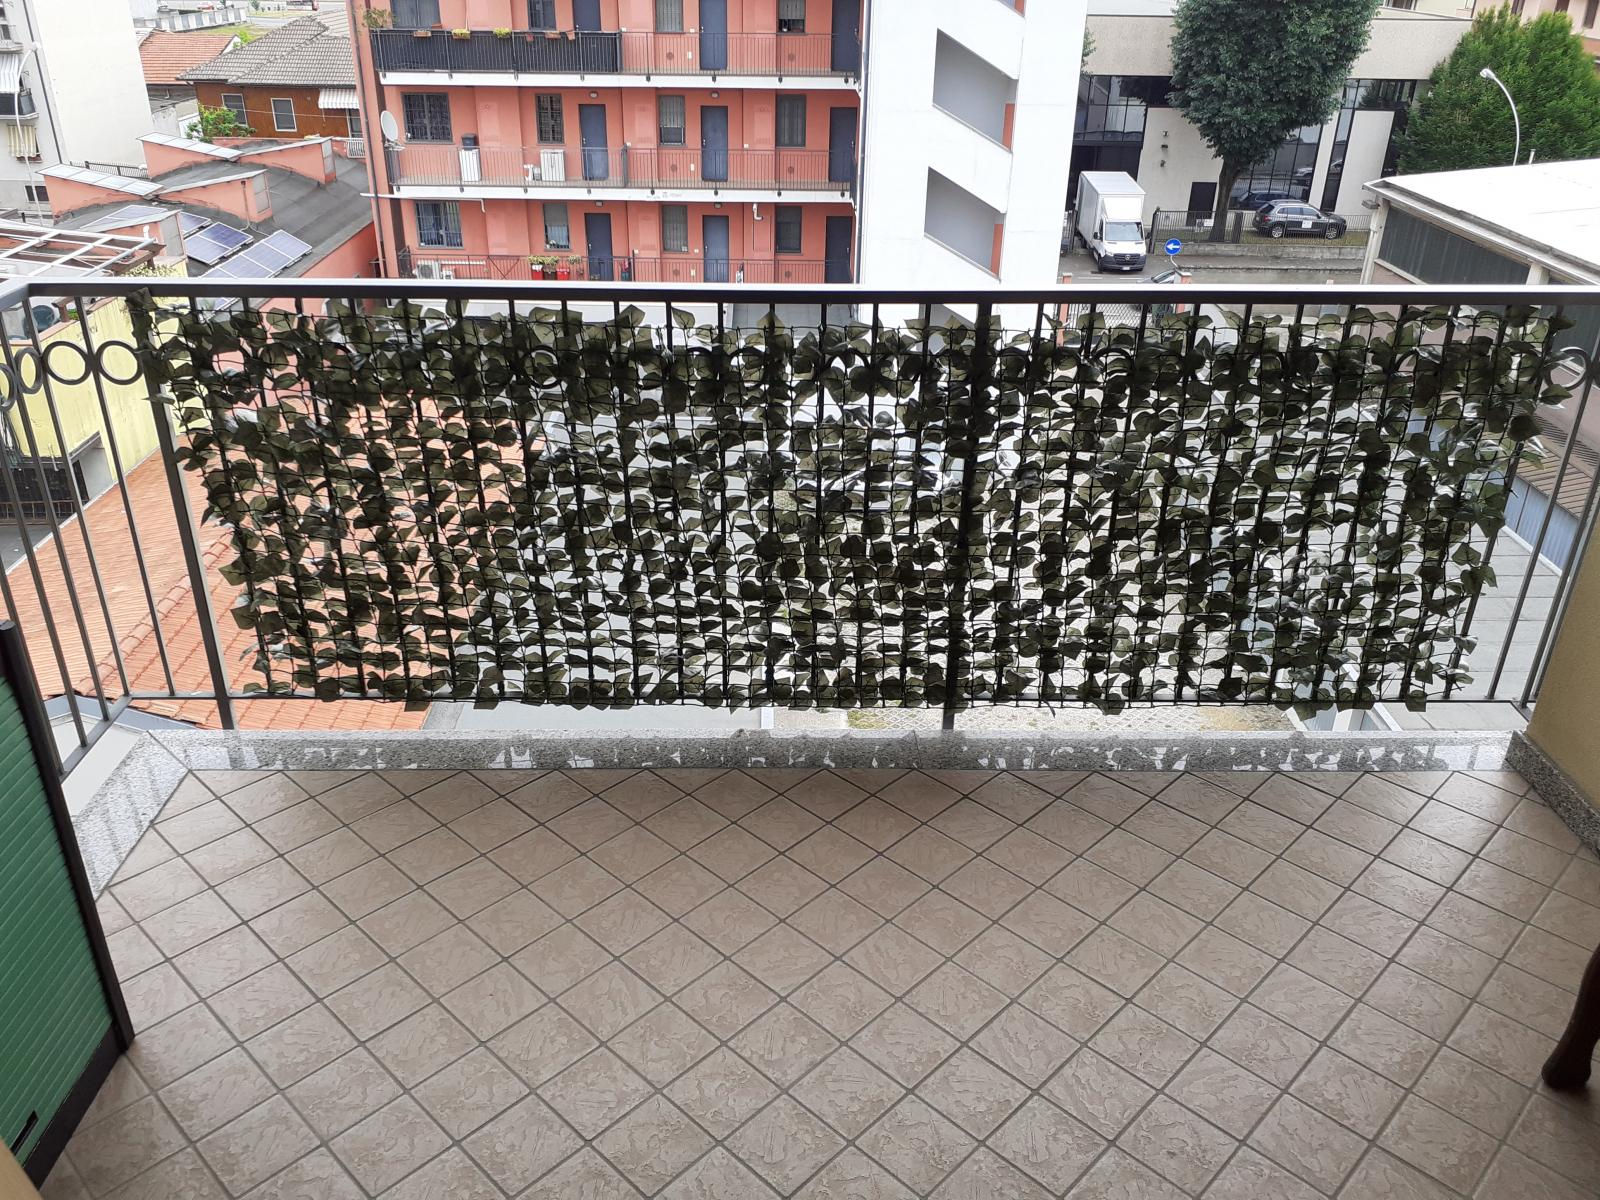 appartamento-in-vendita-bareggio-2-locali-bilocale-spaziourbano-immobiliare-vende-5